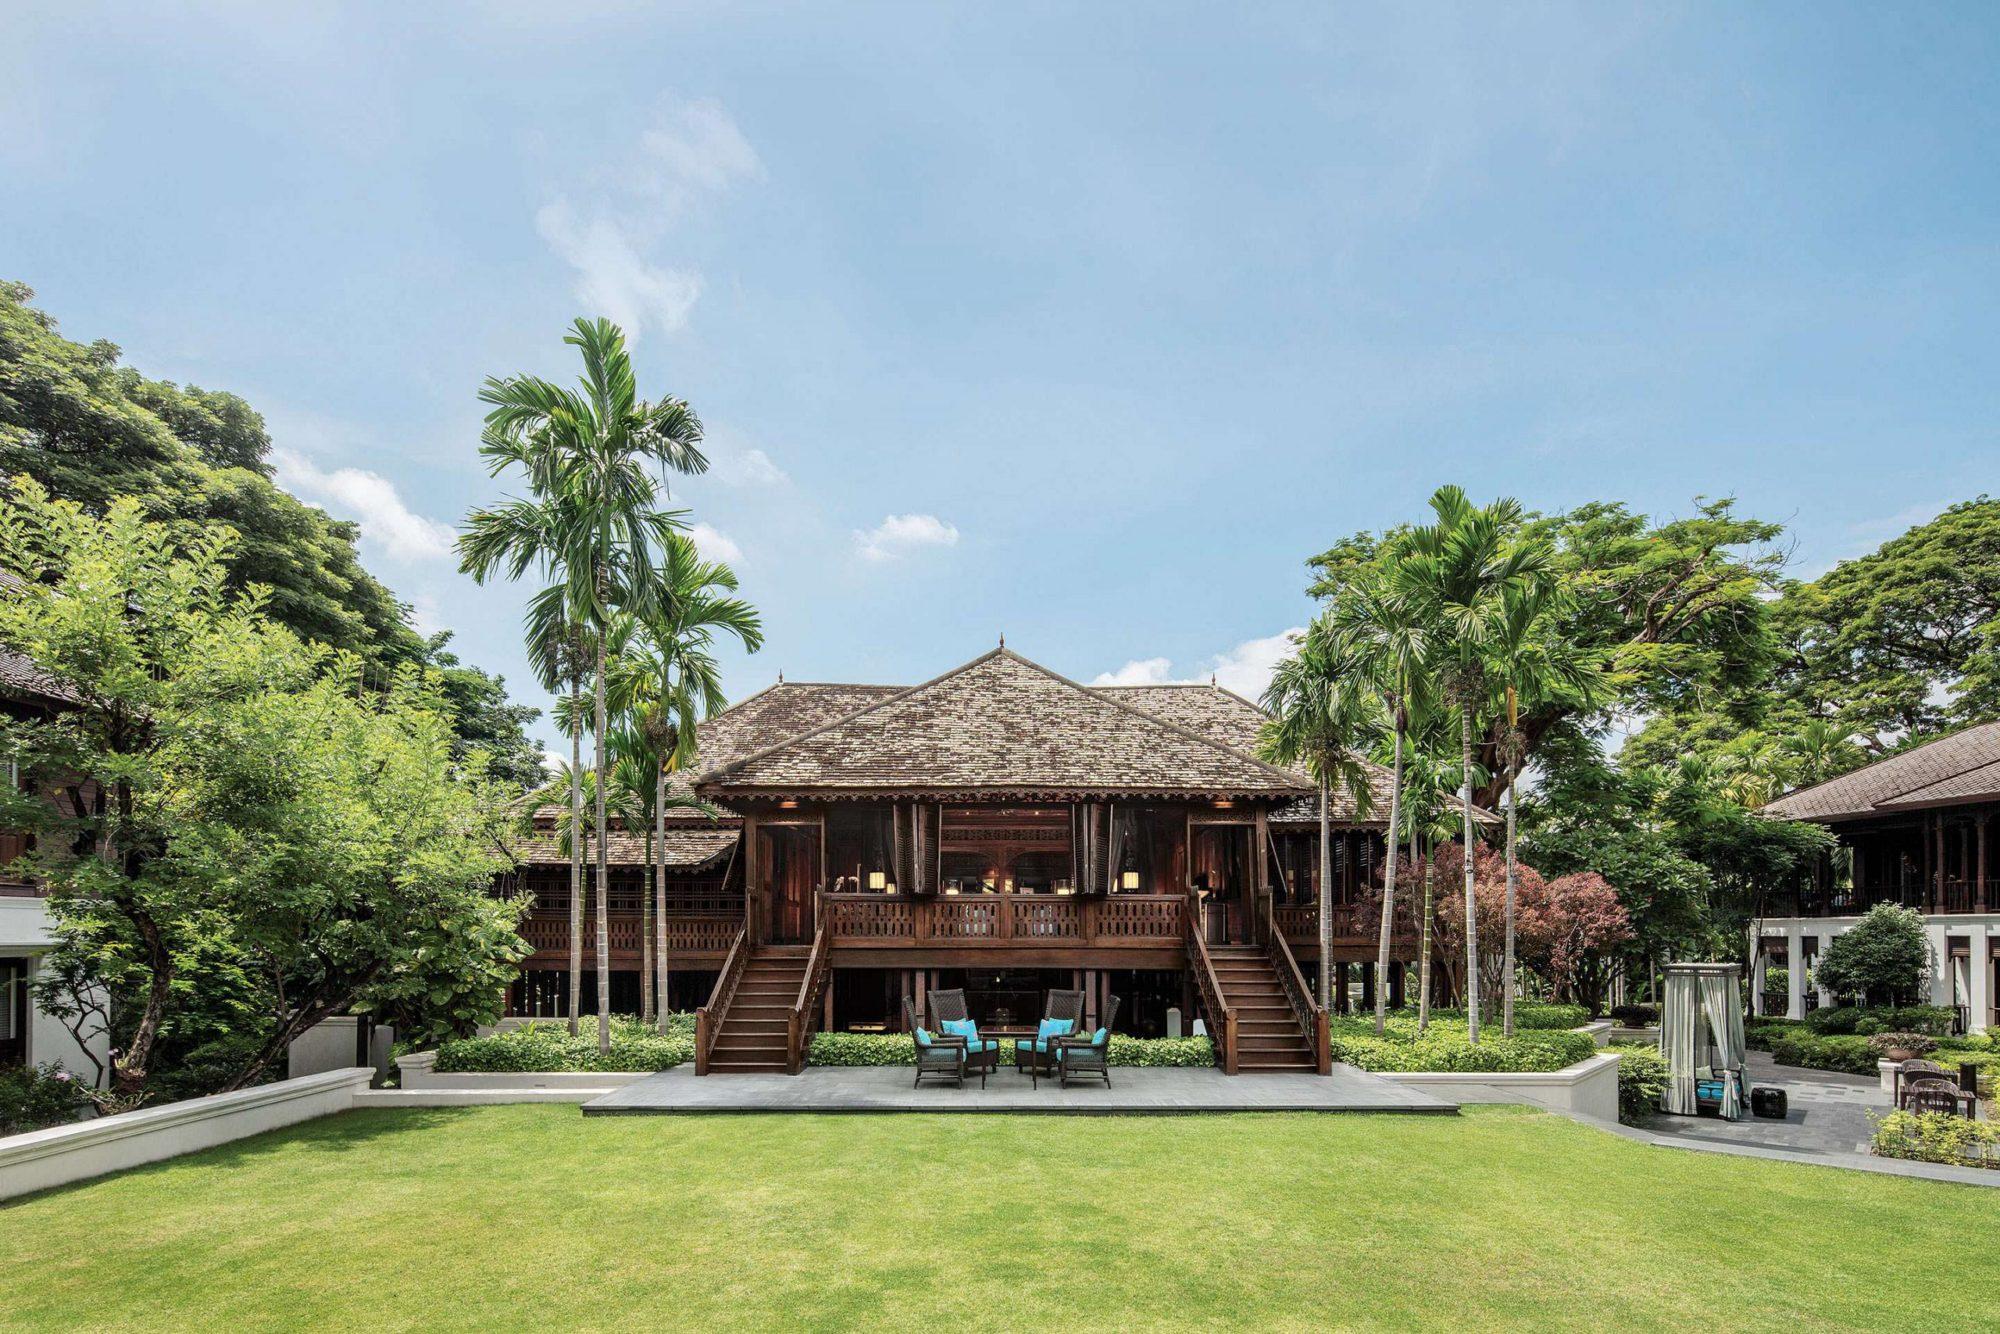 Das Haupthaus des Hotels in Chiang Mai, Thailand